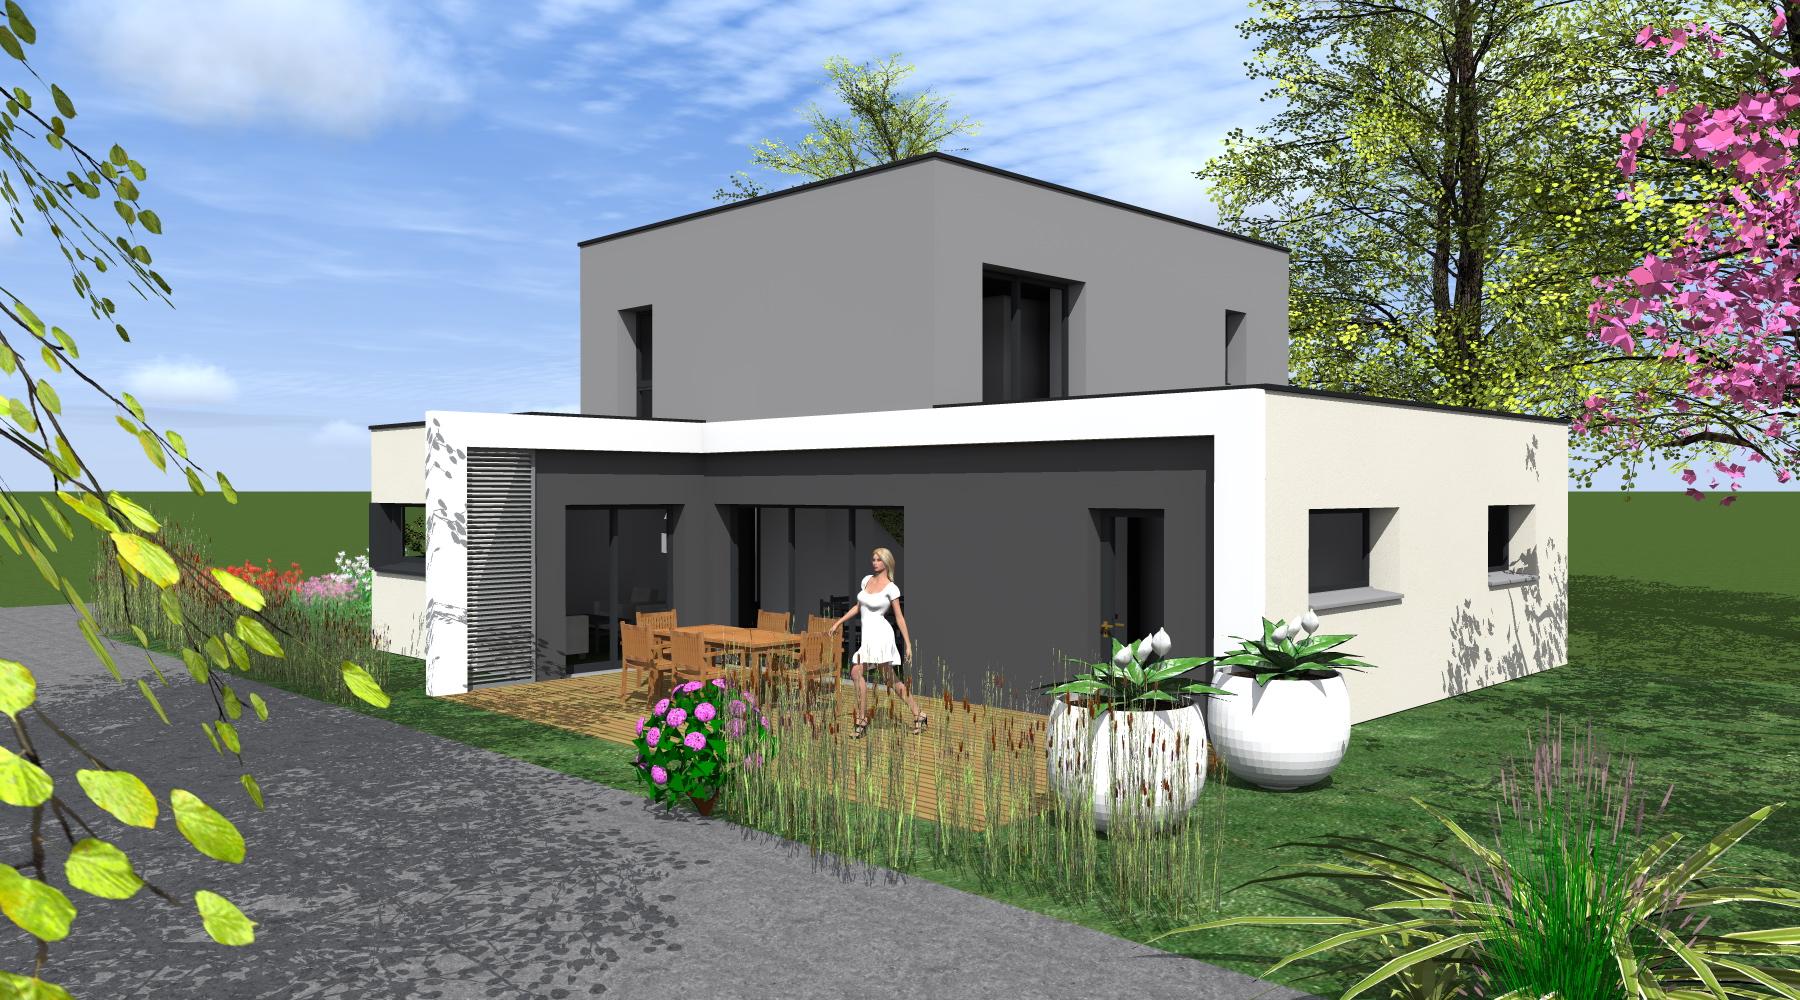 Constructeur De Maison Rennes maison contemporaine - 1.2 vue – architecte / lise roturier